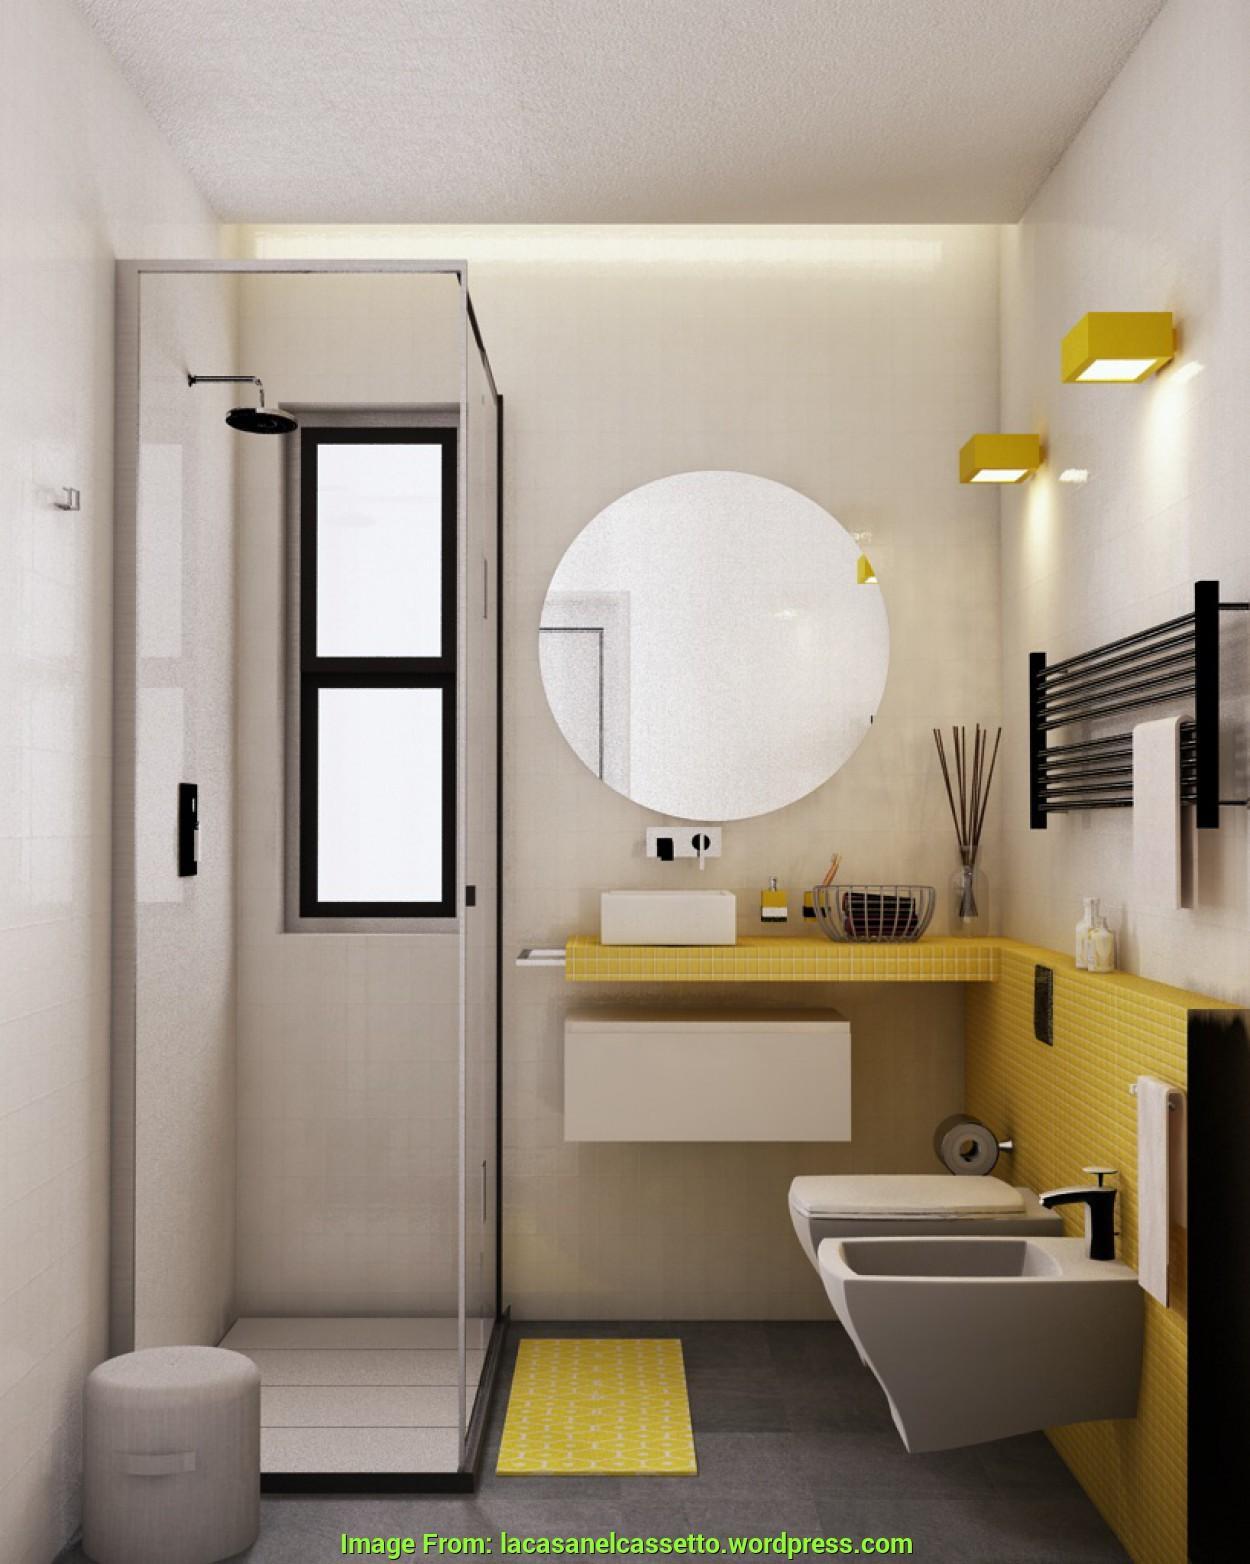 Come arredare un bagno di piccole dimensioni catania for Arredare un bagno piccolo